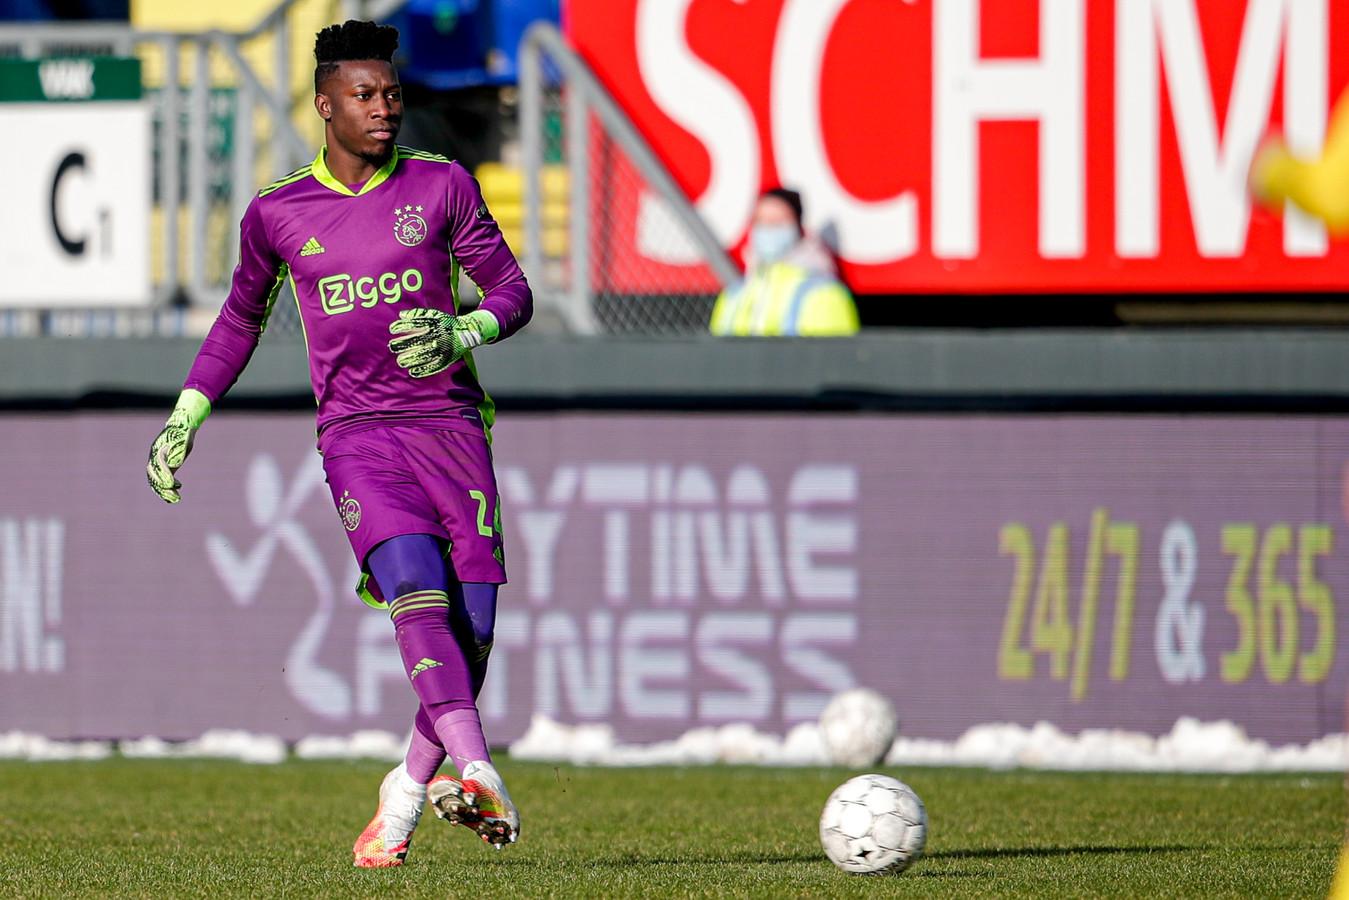 24-01-2021: Voetbal: Fortuna Sittard v Ajax: Sittard (L-R): Andre Onana of Ajax